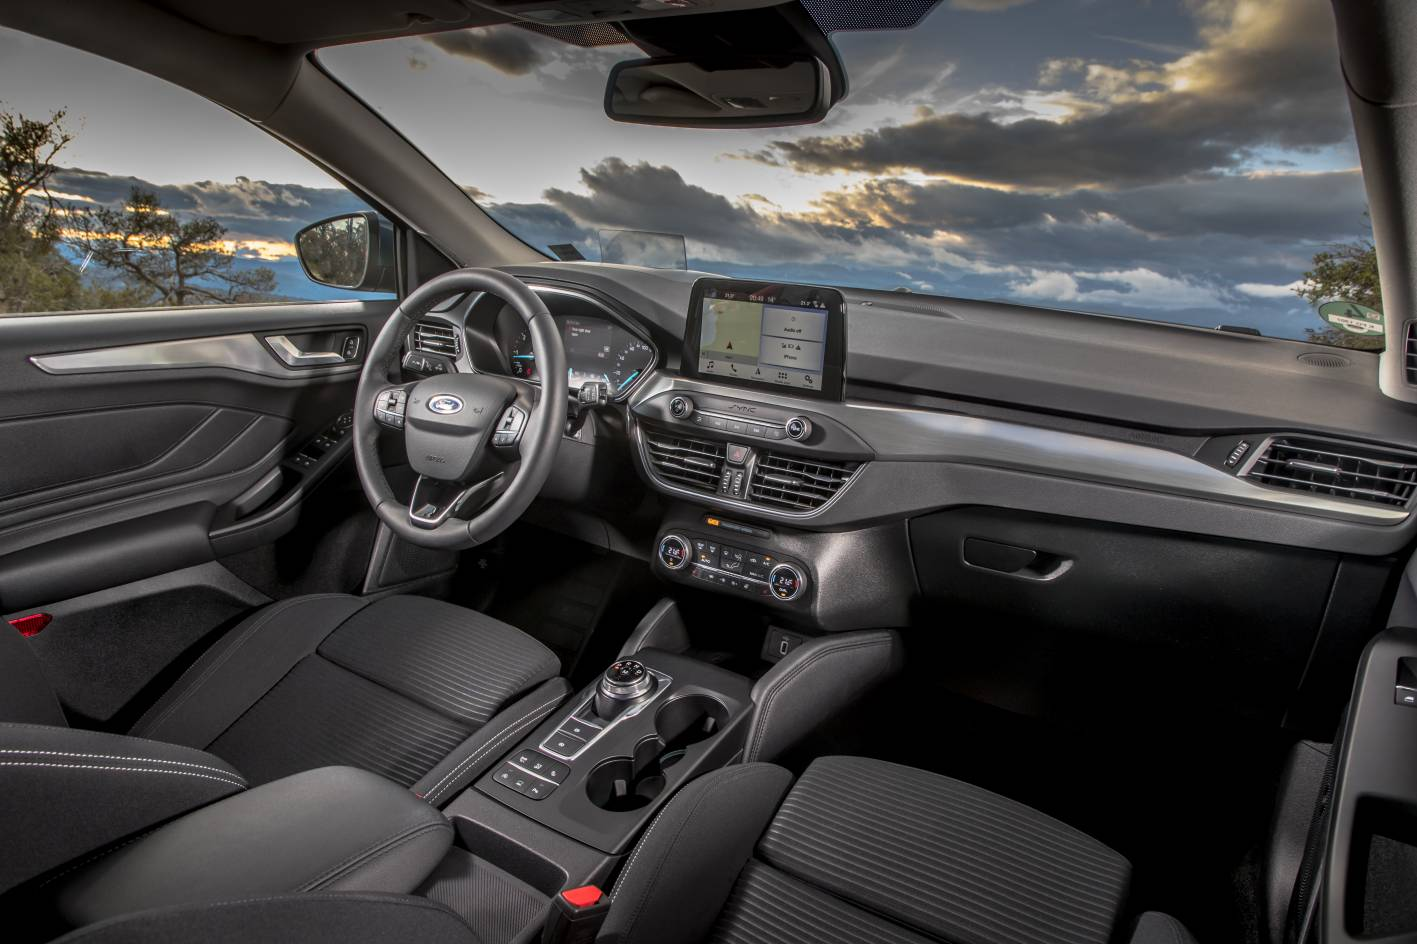 2019 Ford Focus Titanium Interior Forcegt Com